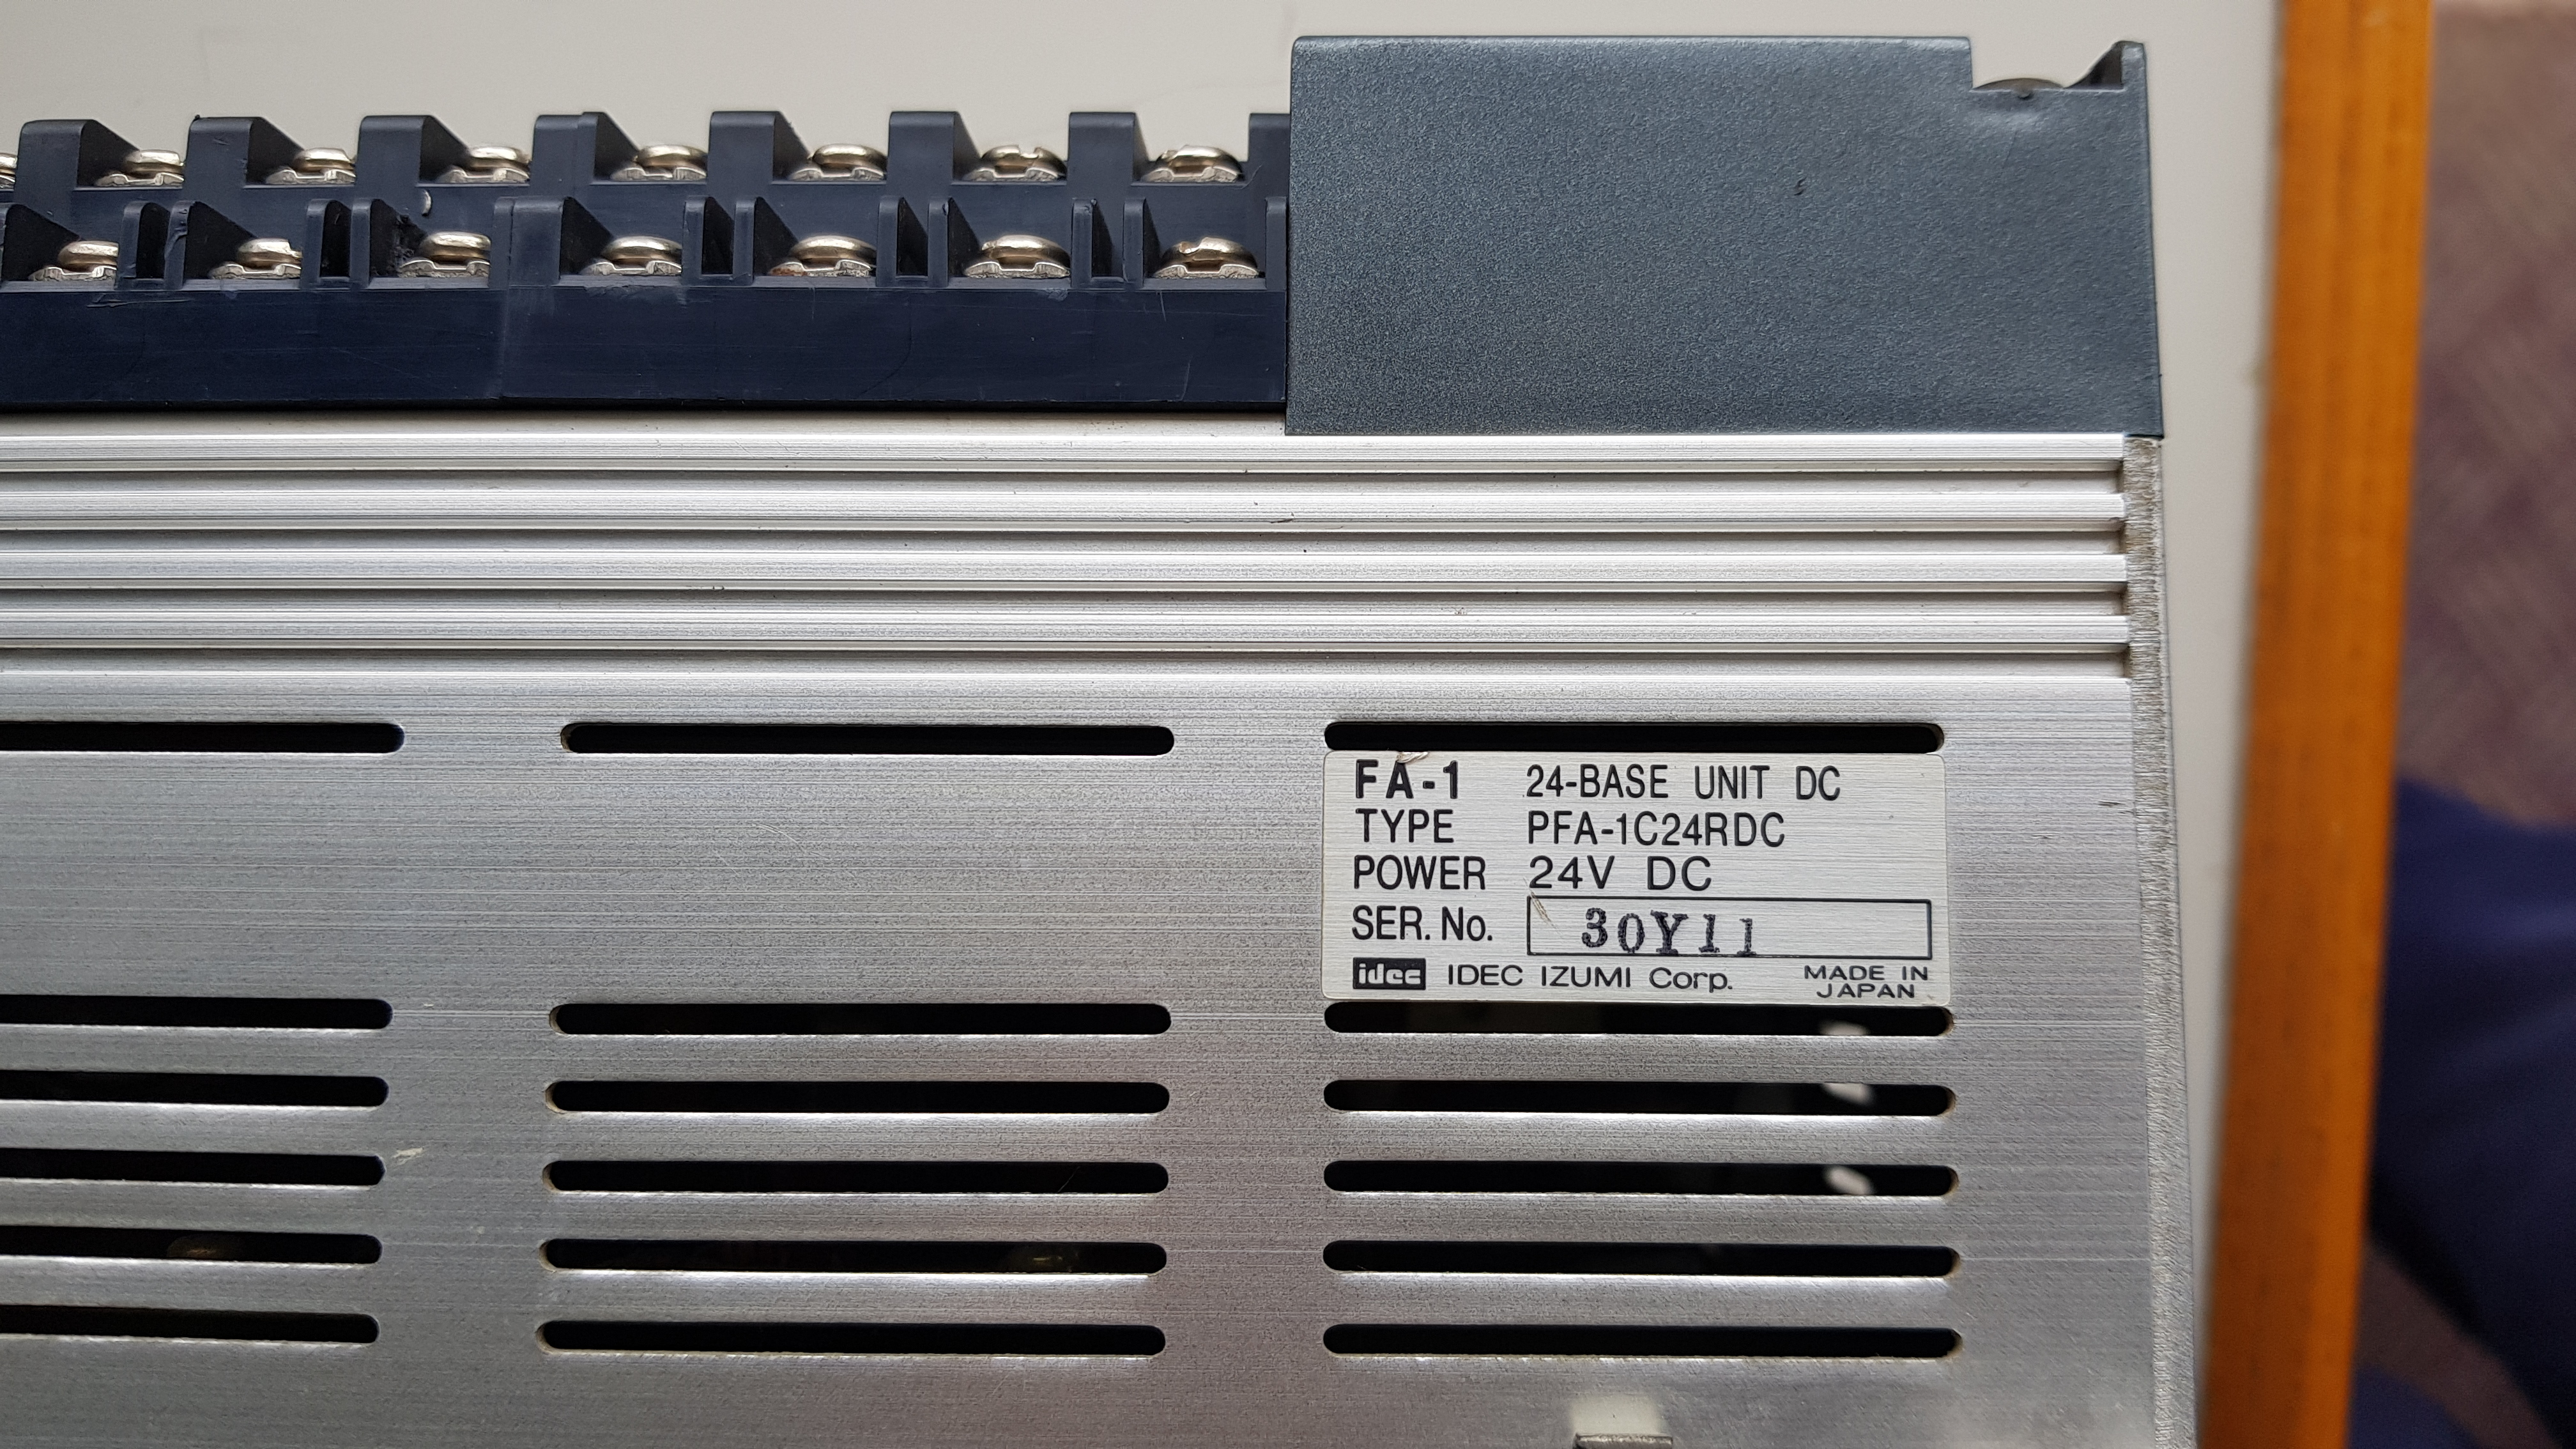 IDEC PFA-1C24RDC